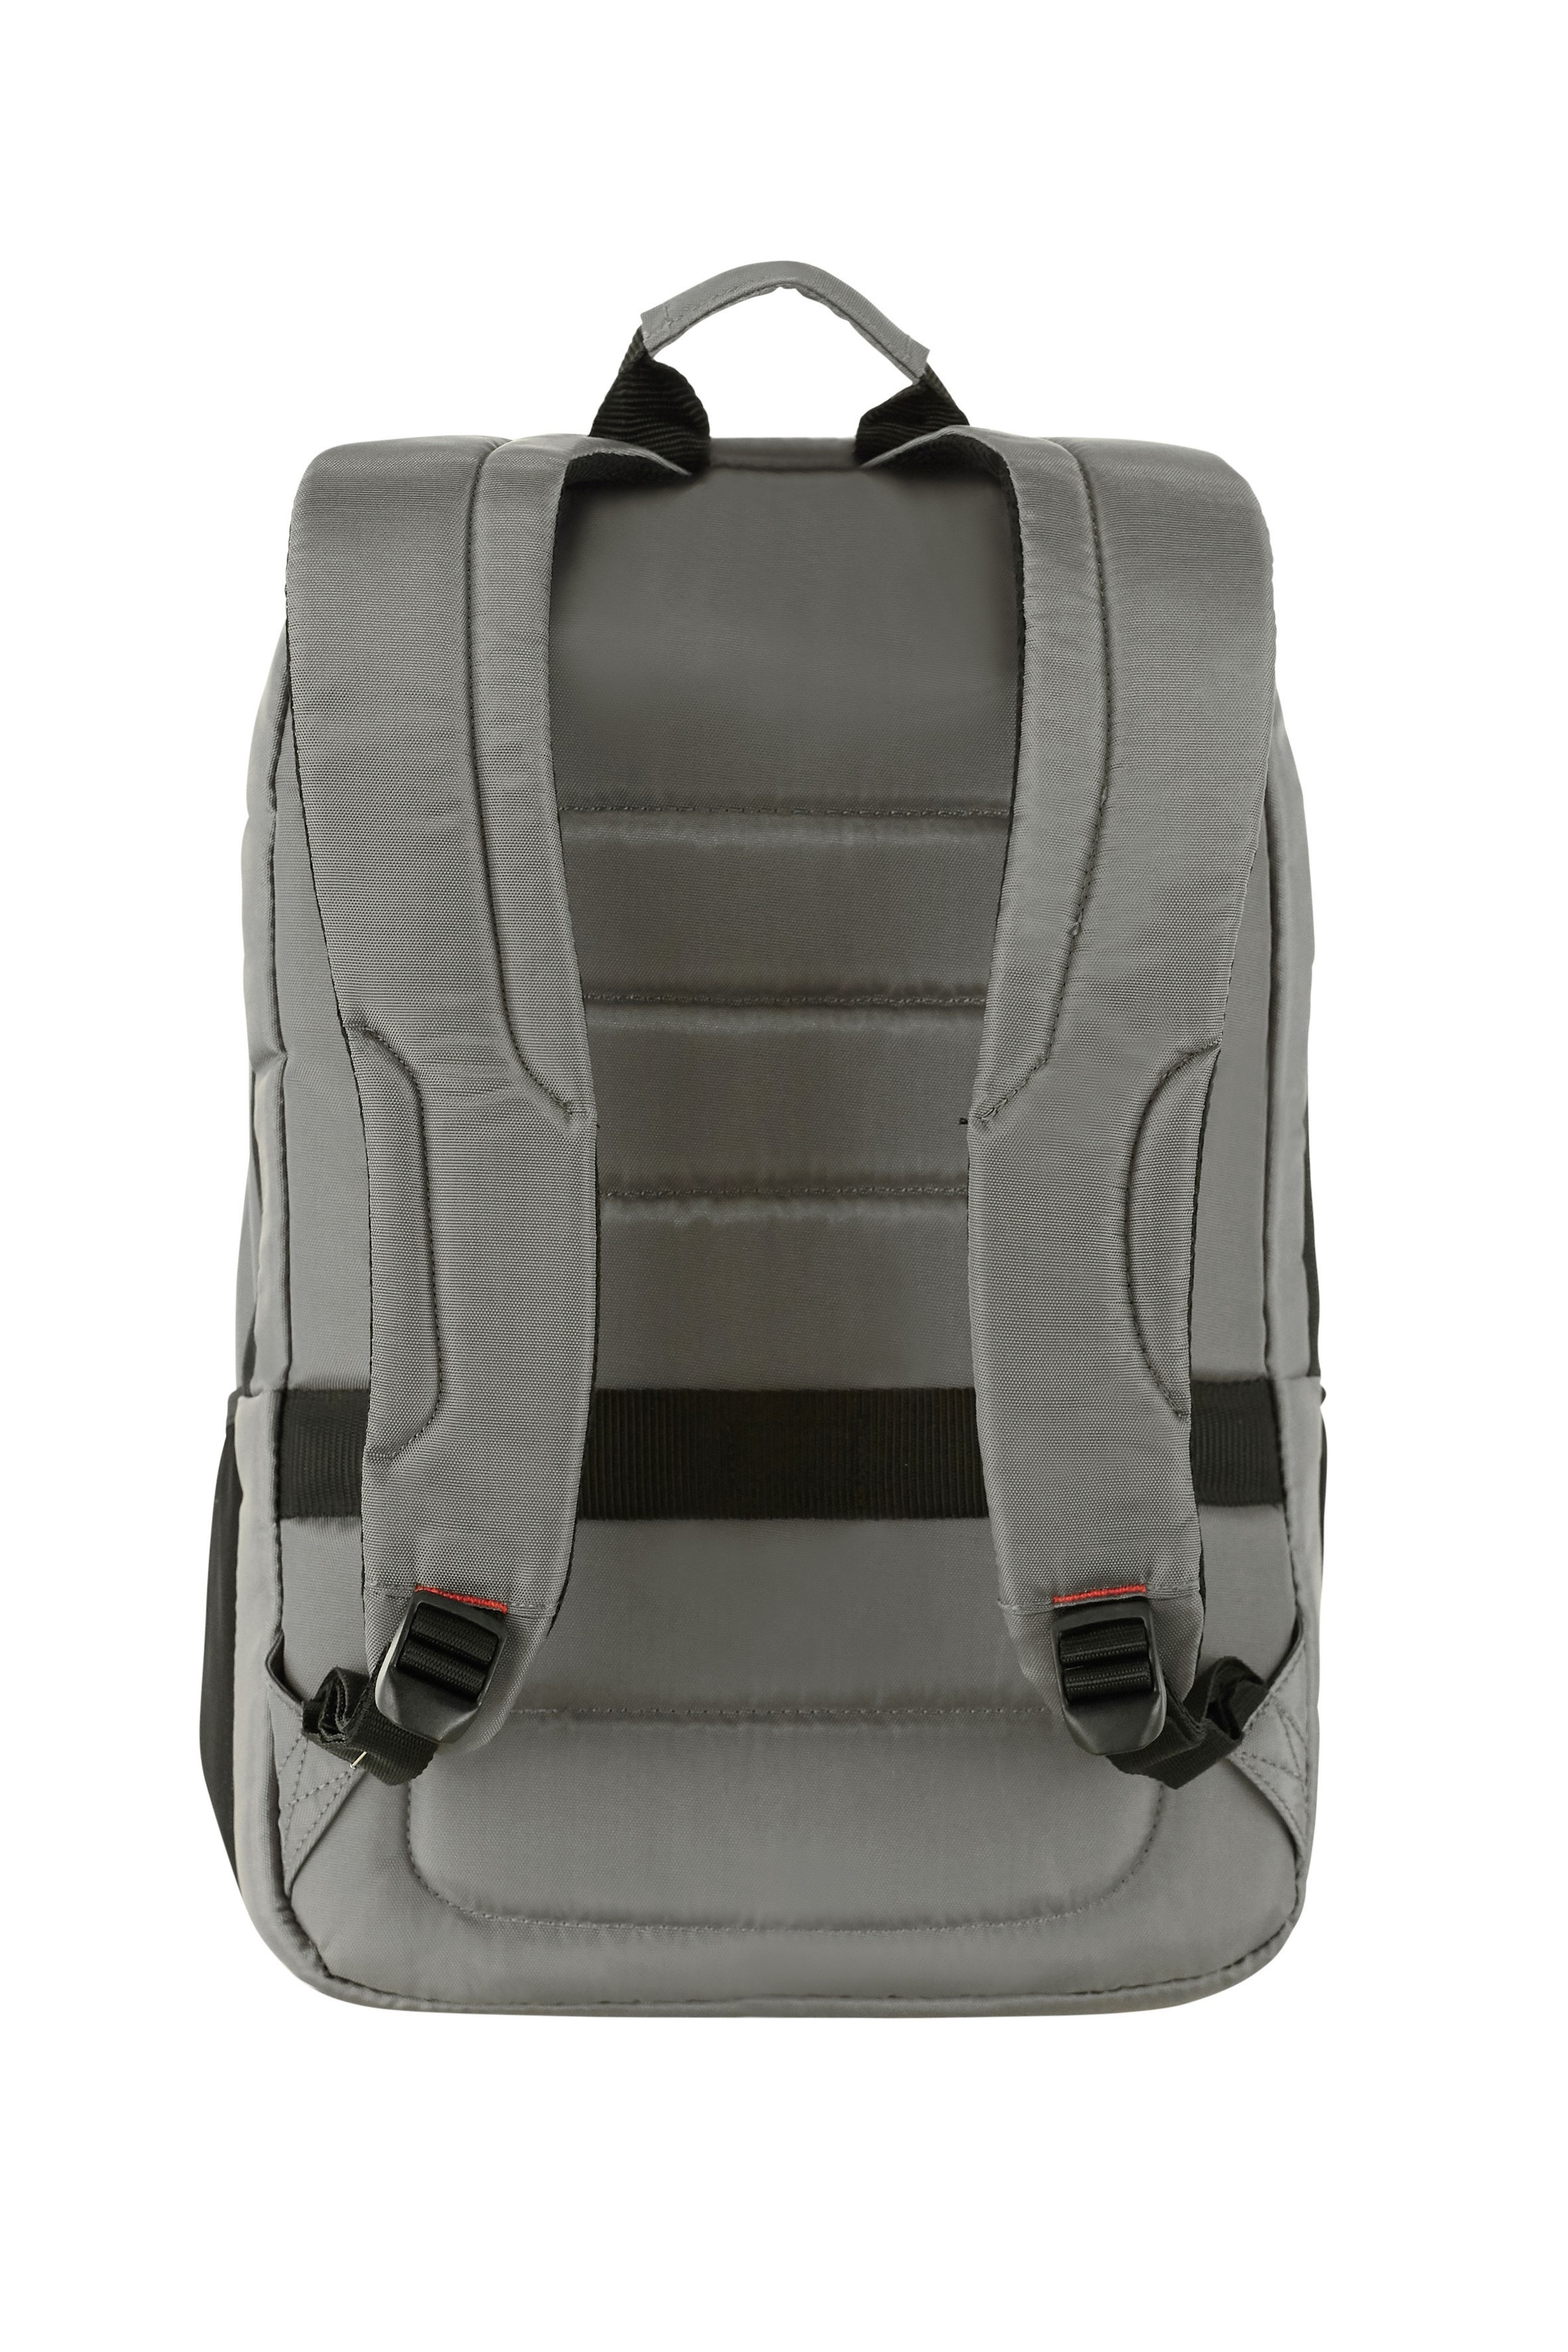 a25f45d947f Samsonite GuardIT 2.0 Laptop Backpack L 17.3'' grey - Taska lederwaren